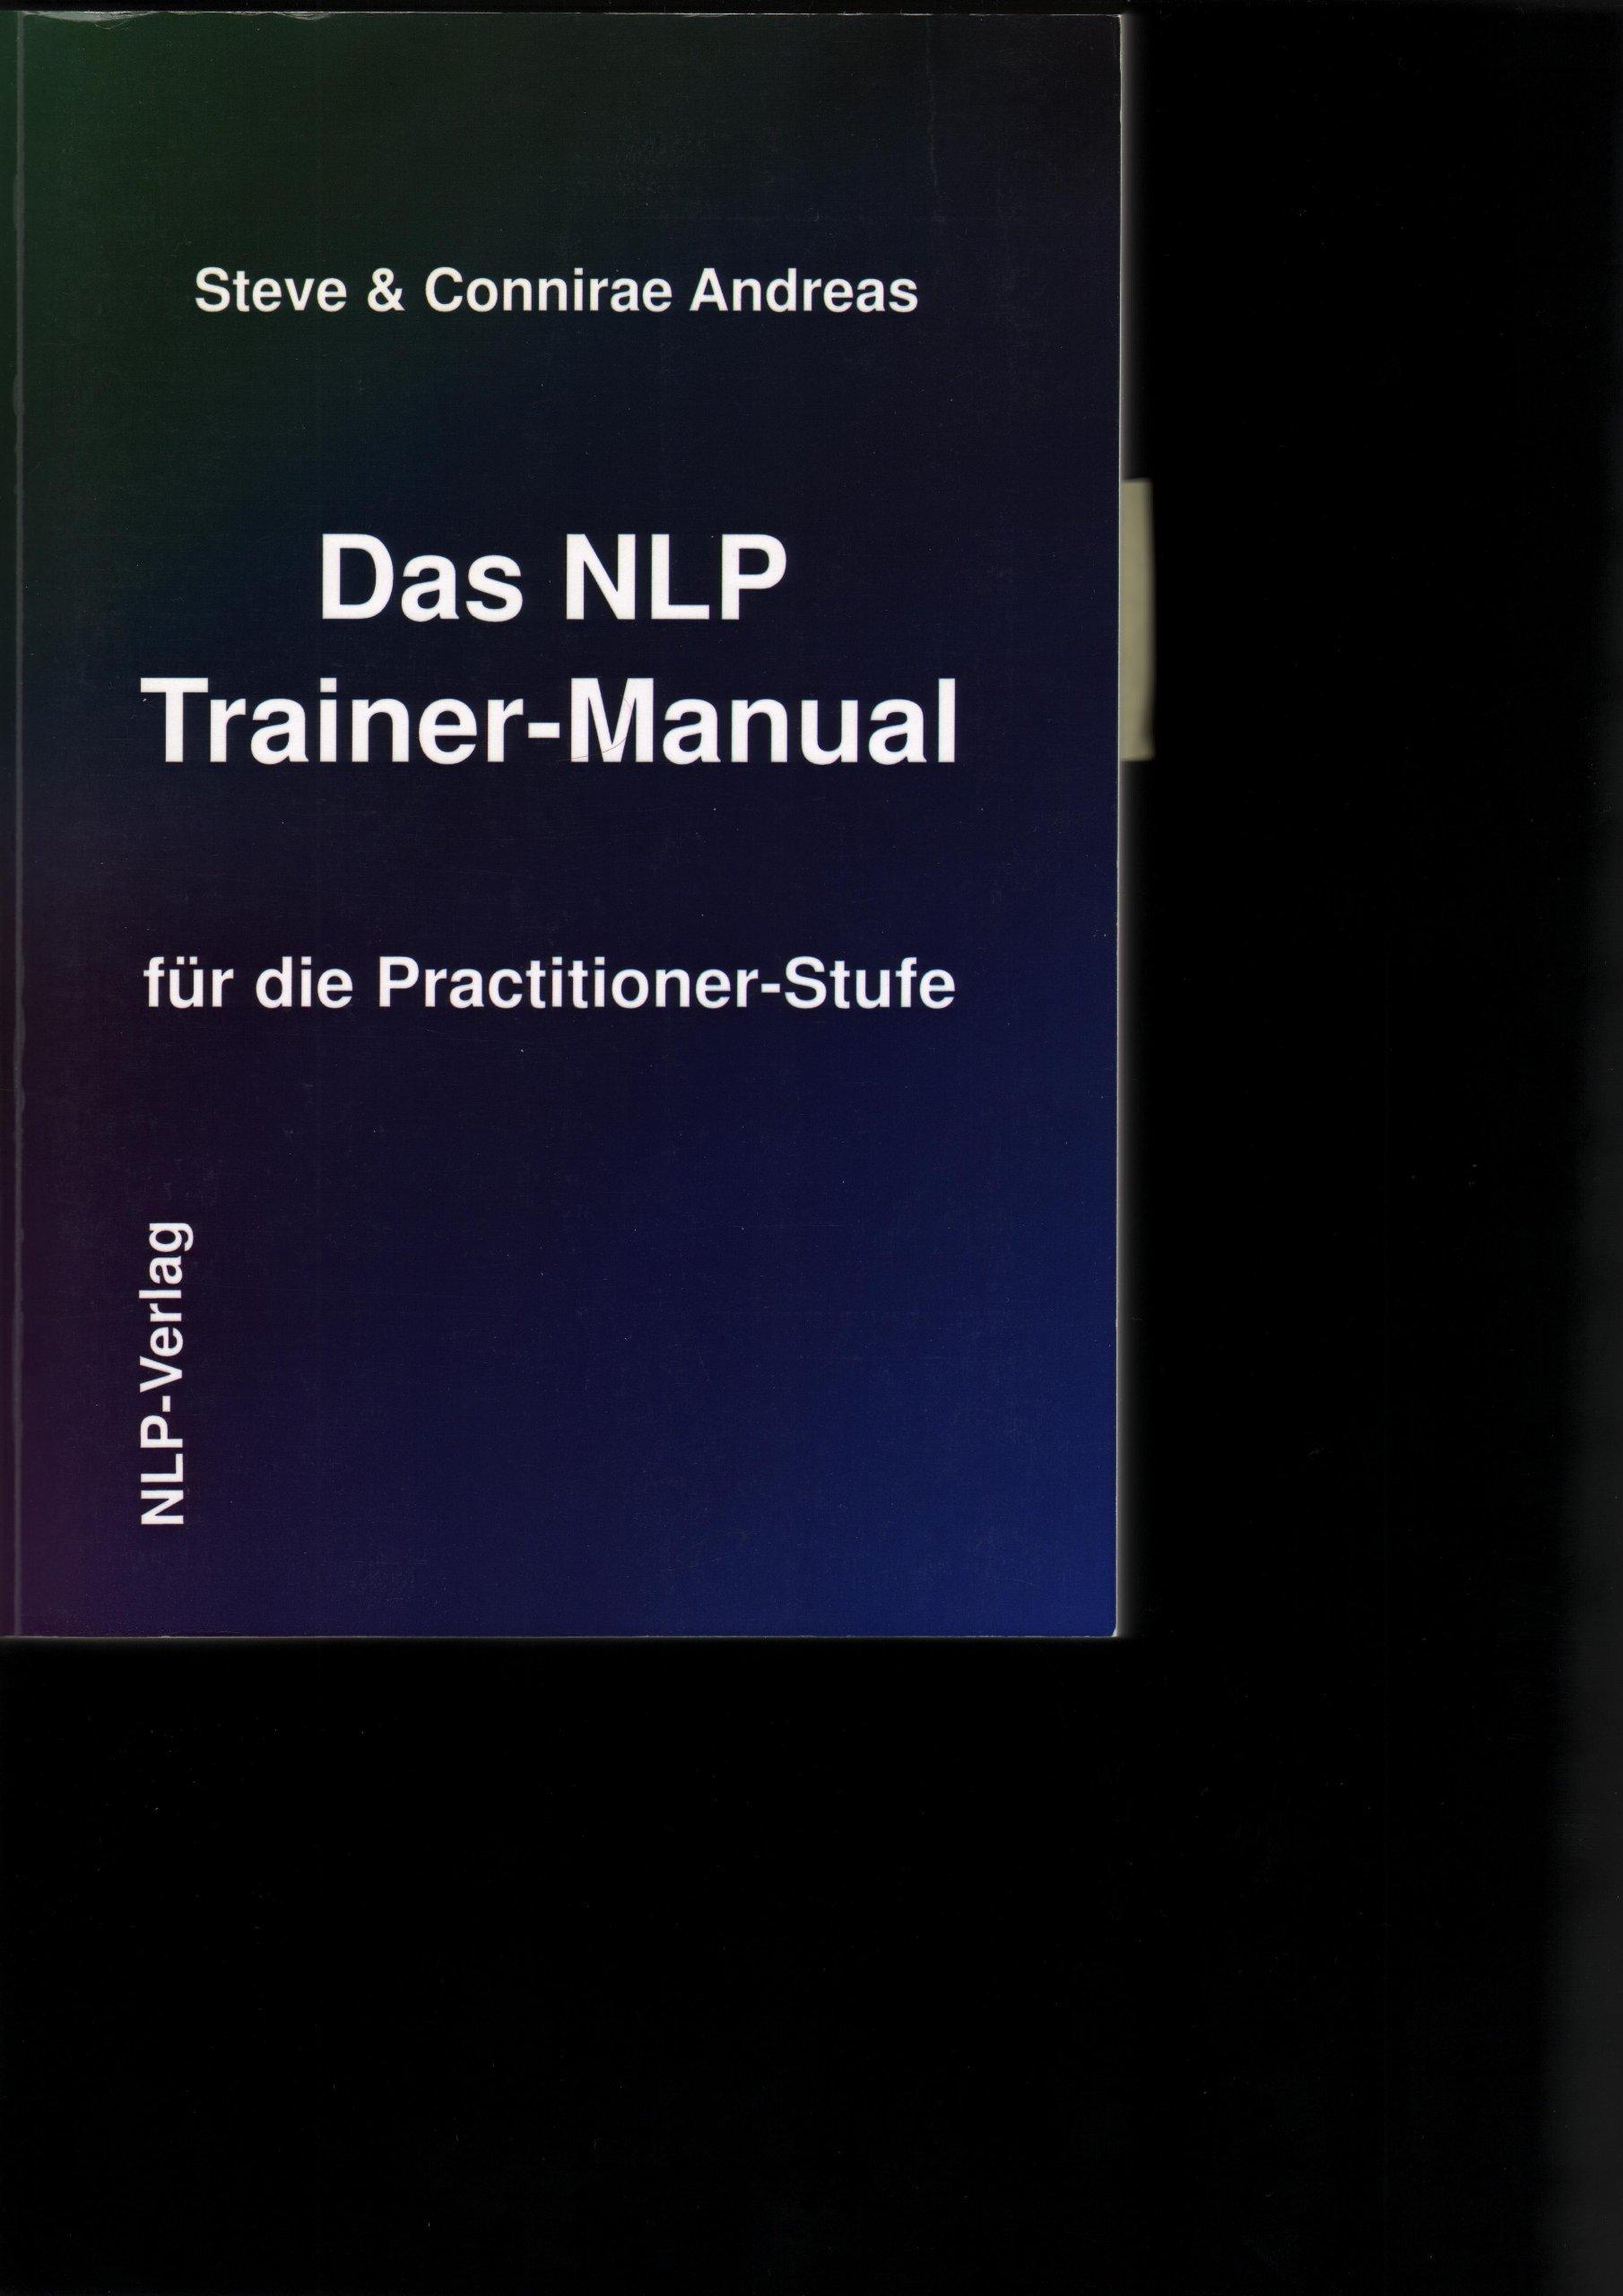 Das NLP-Trainer-Manual für die Practitioner-Stufe